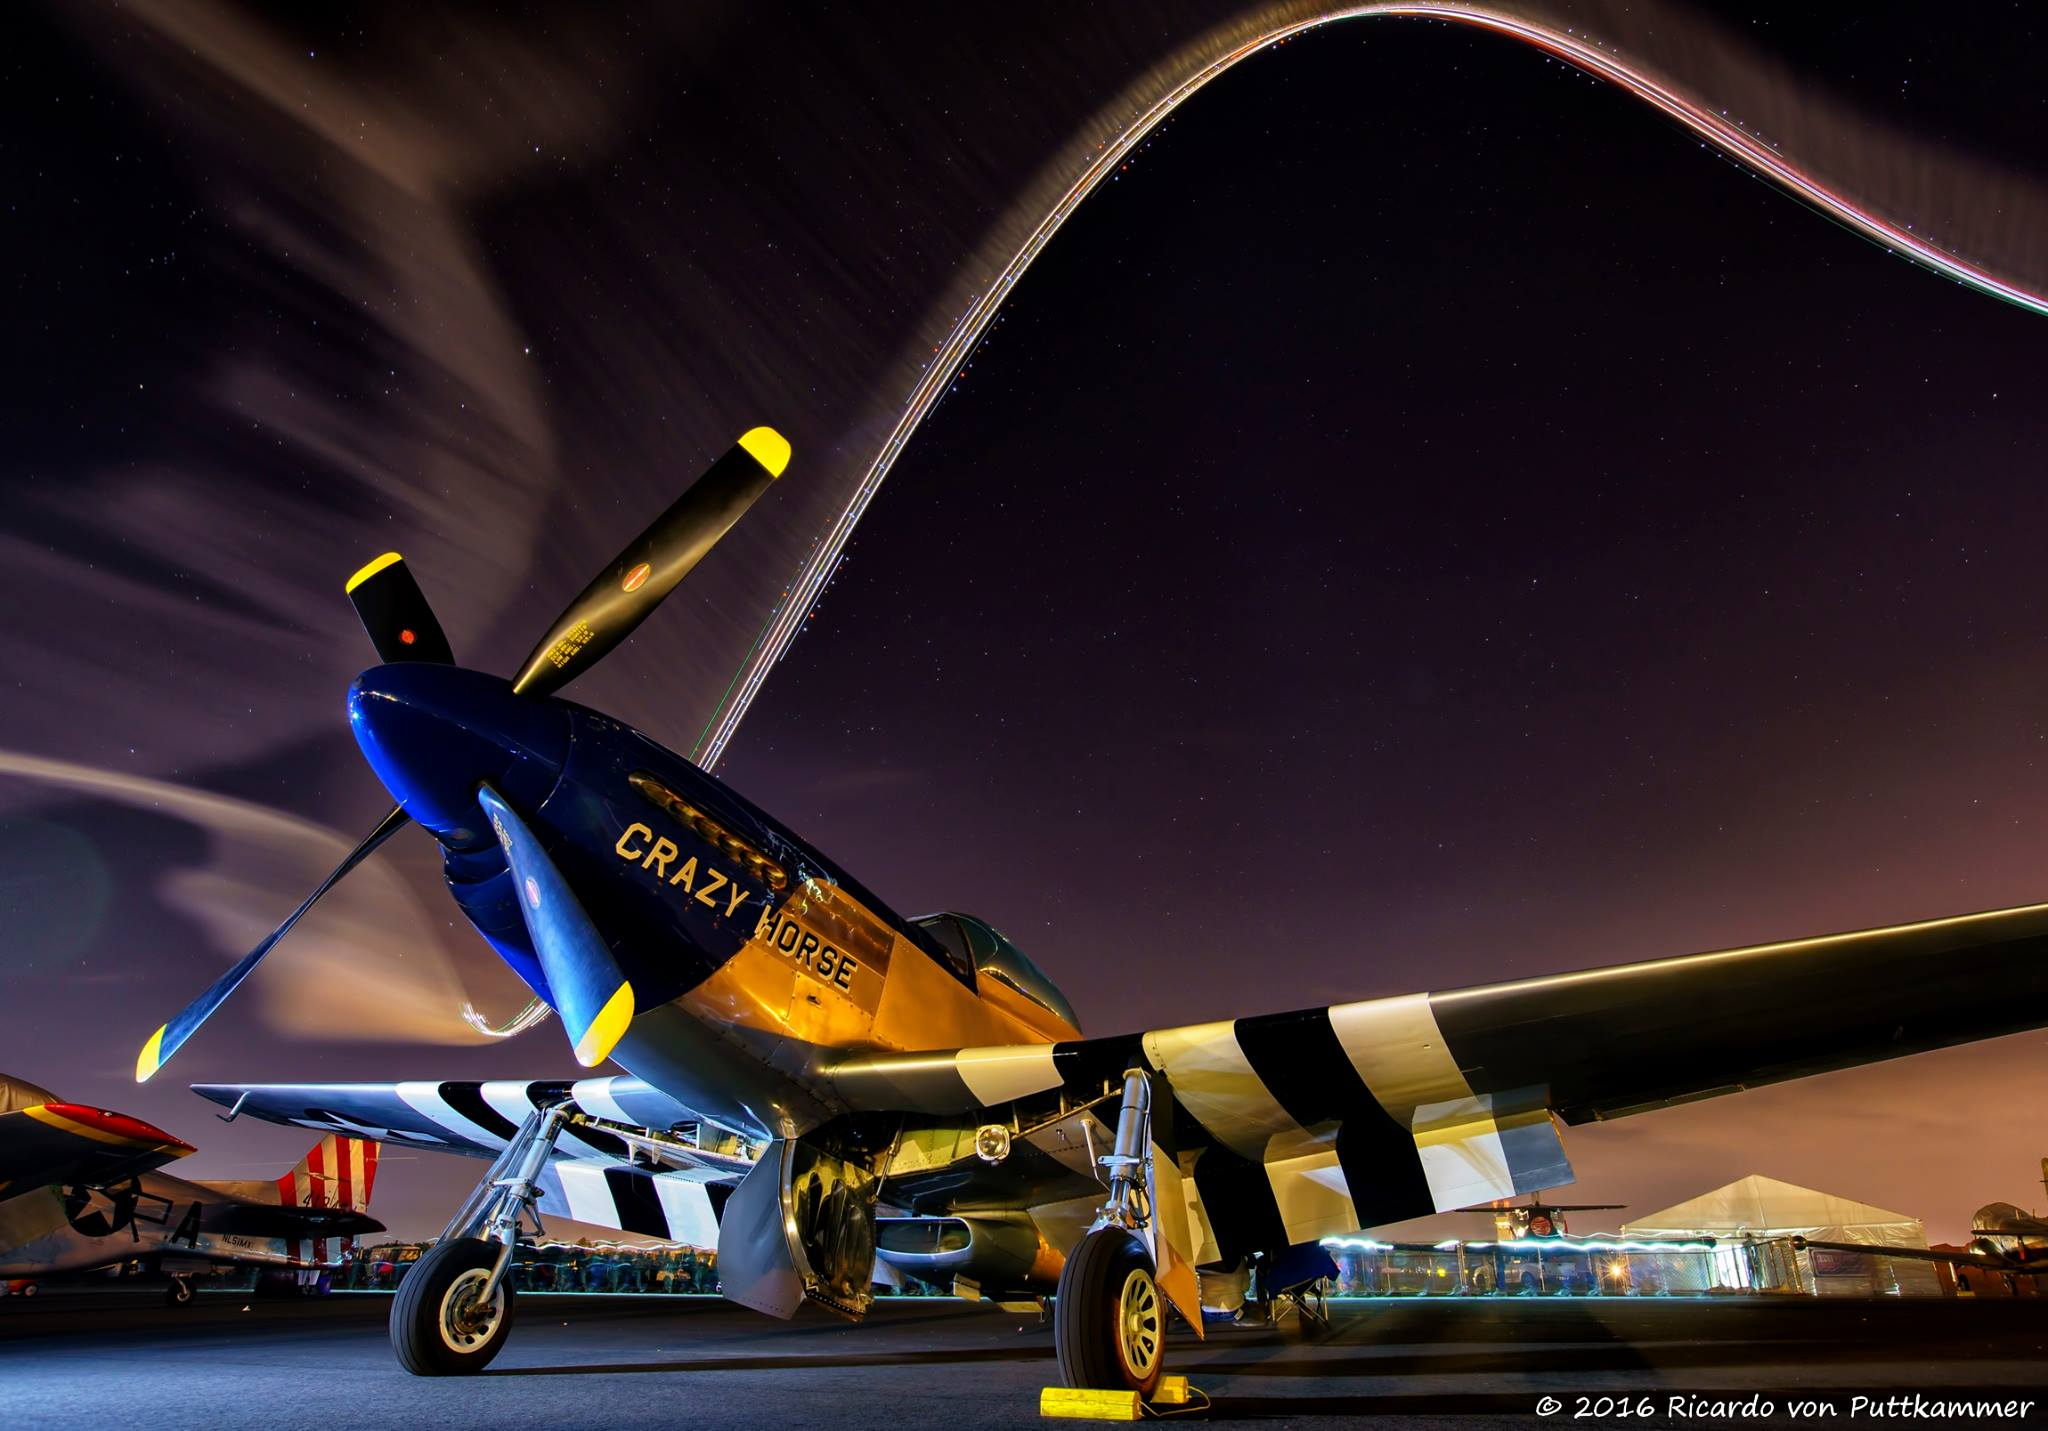 Ezeken a repülőrendezvényeken sokszor éjszaka is folytatódik a show